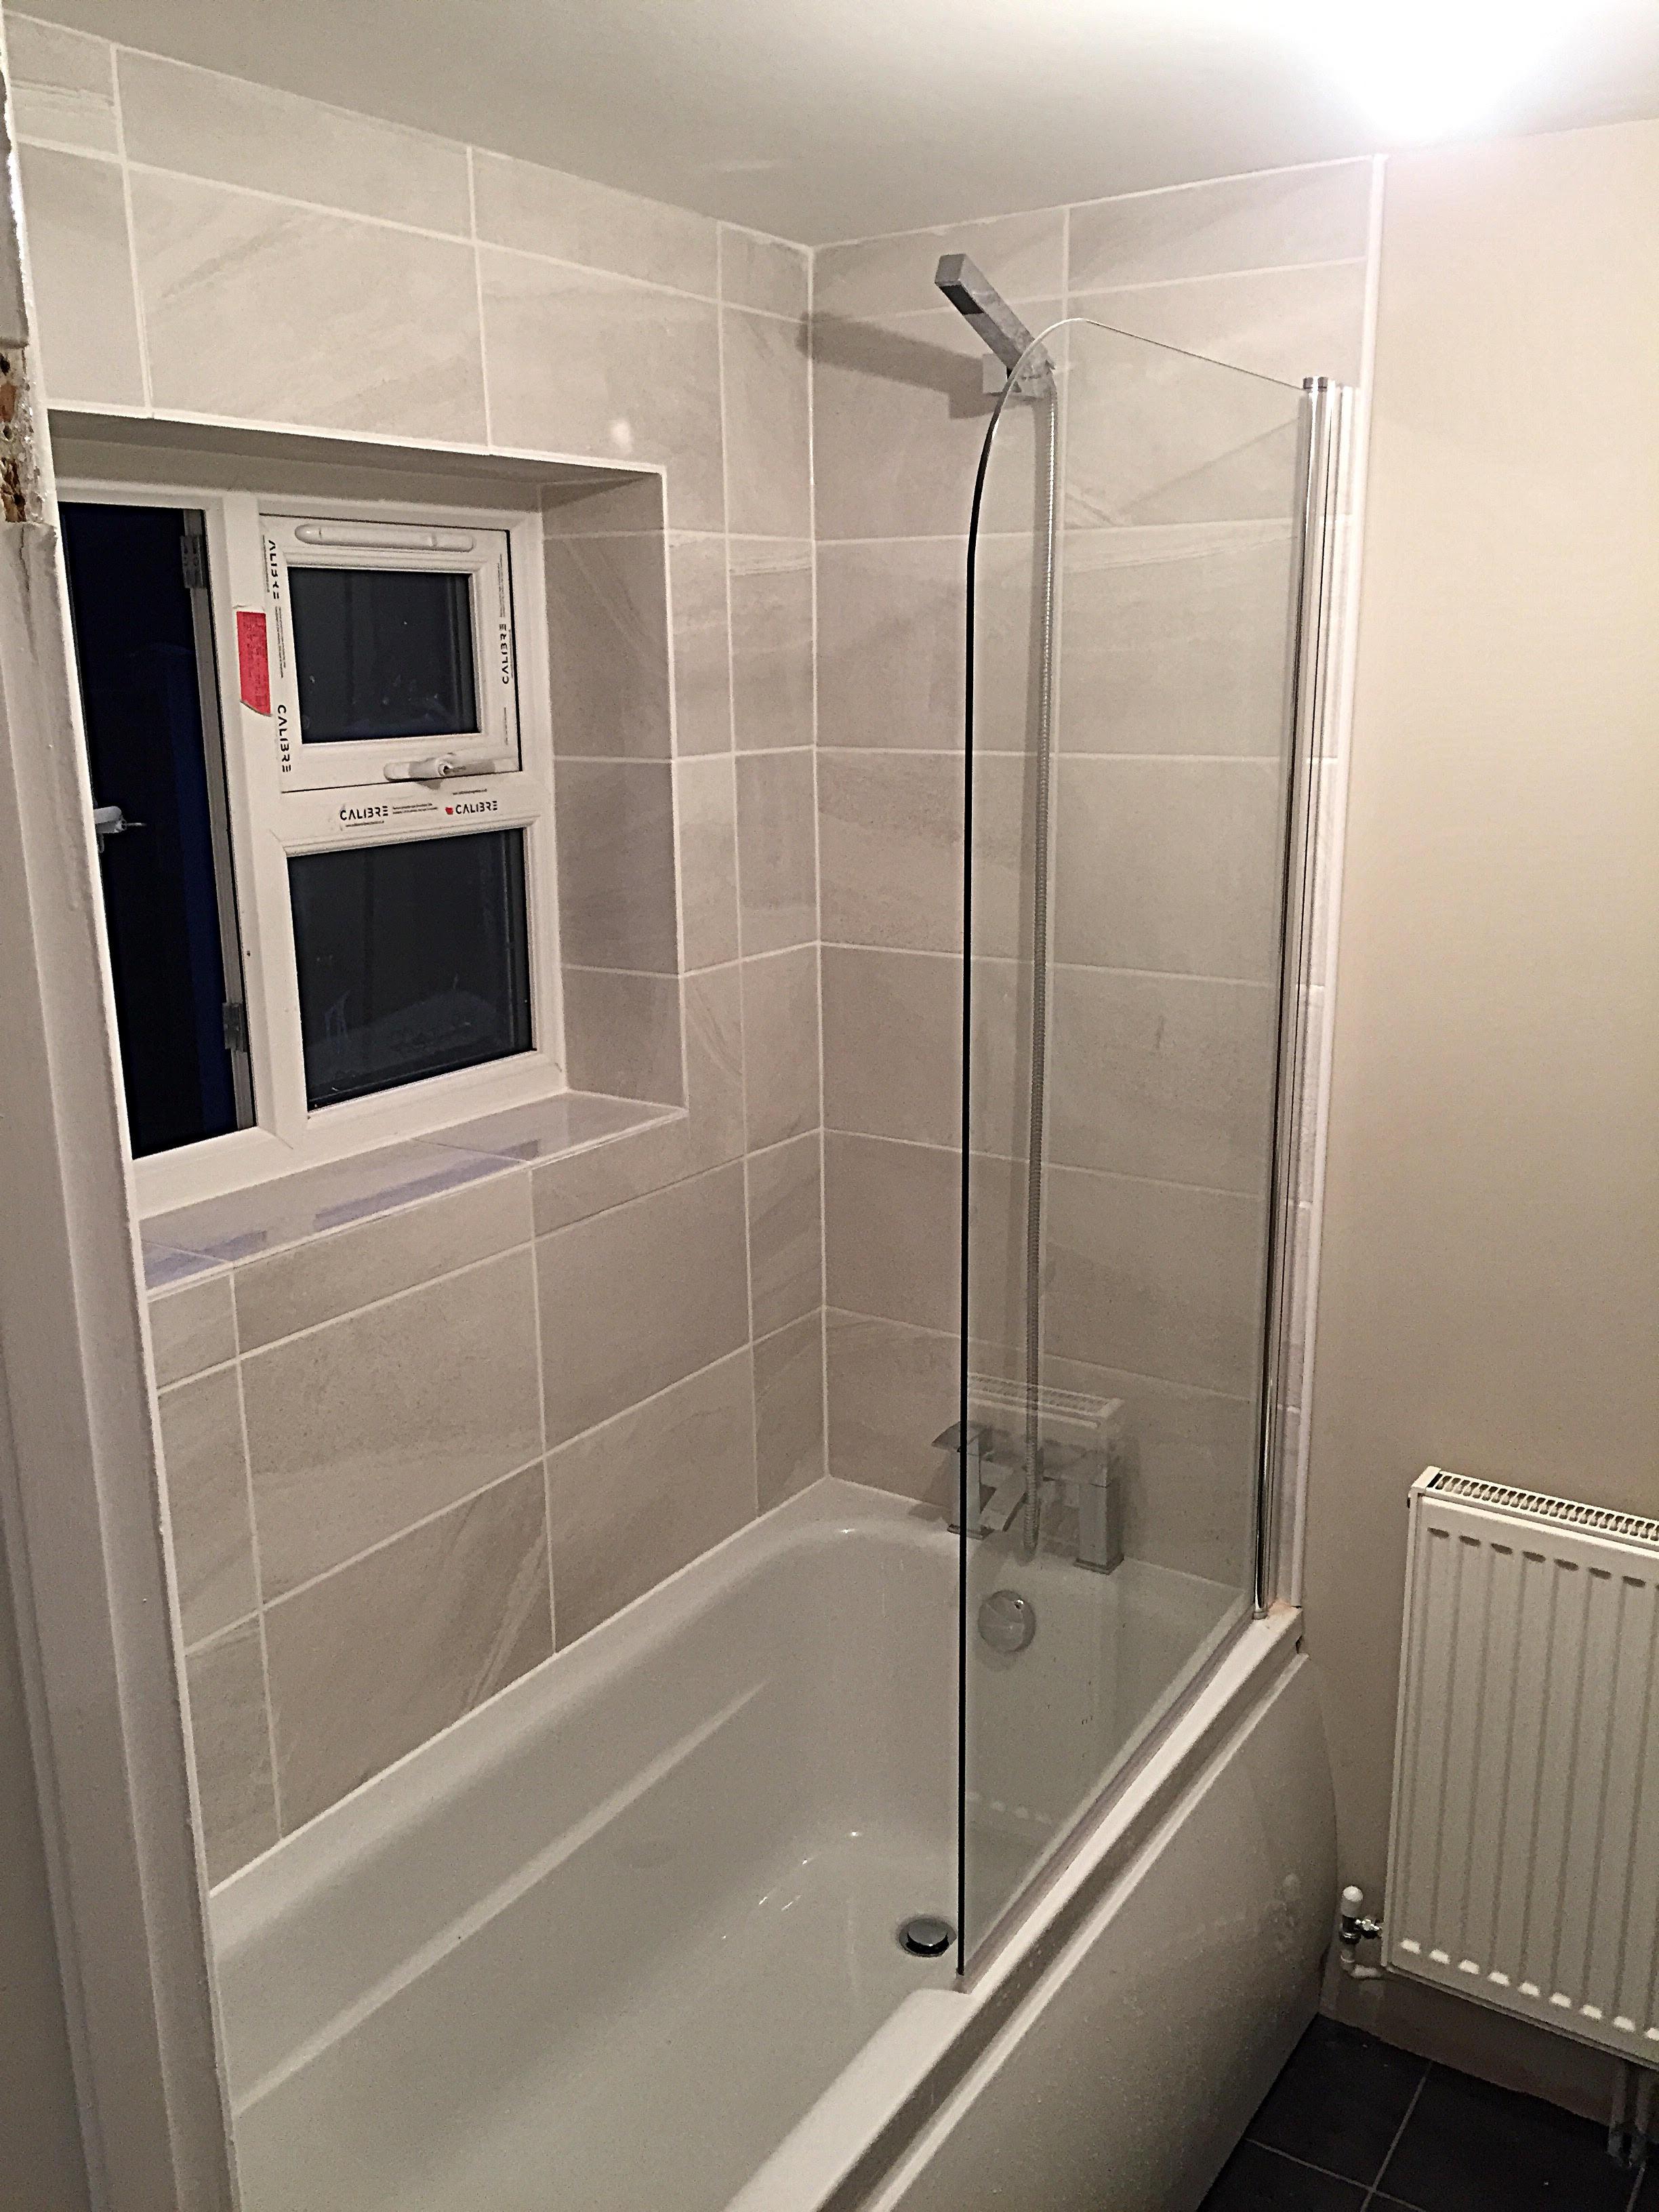 Bathroom at Pelham Road Norwich, after refurbishment